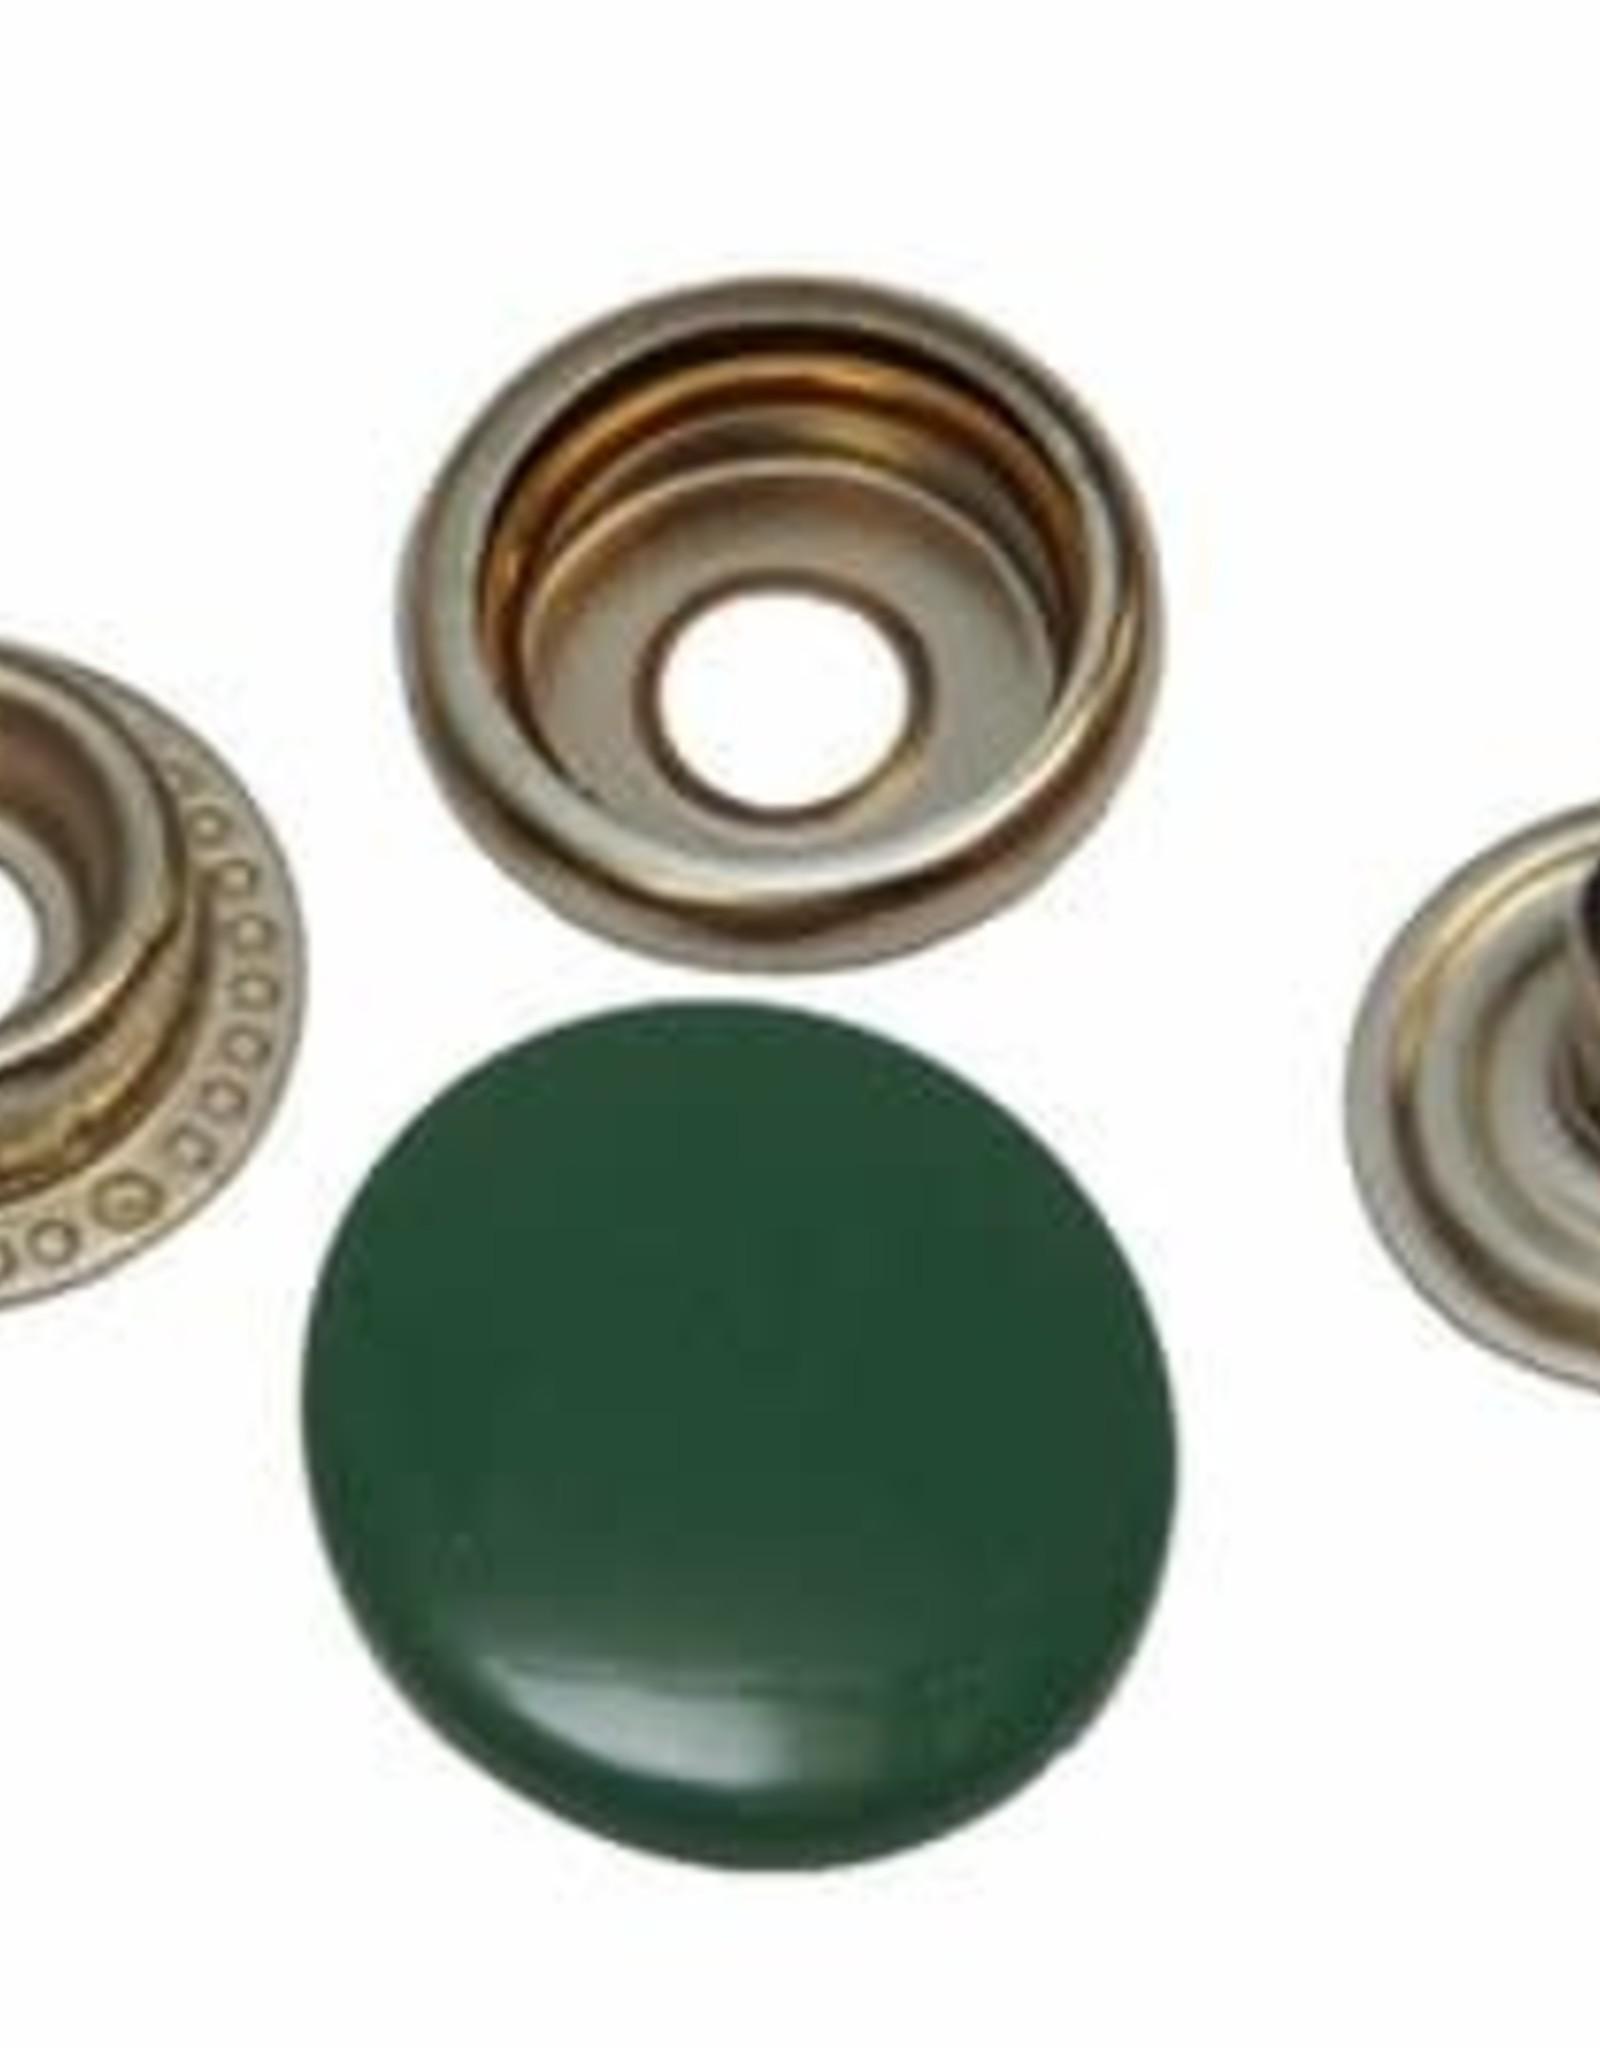 Anorak drukknopen - 15mm - 25 stuks - Groen